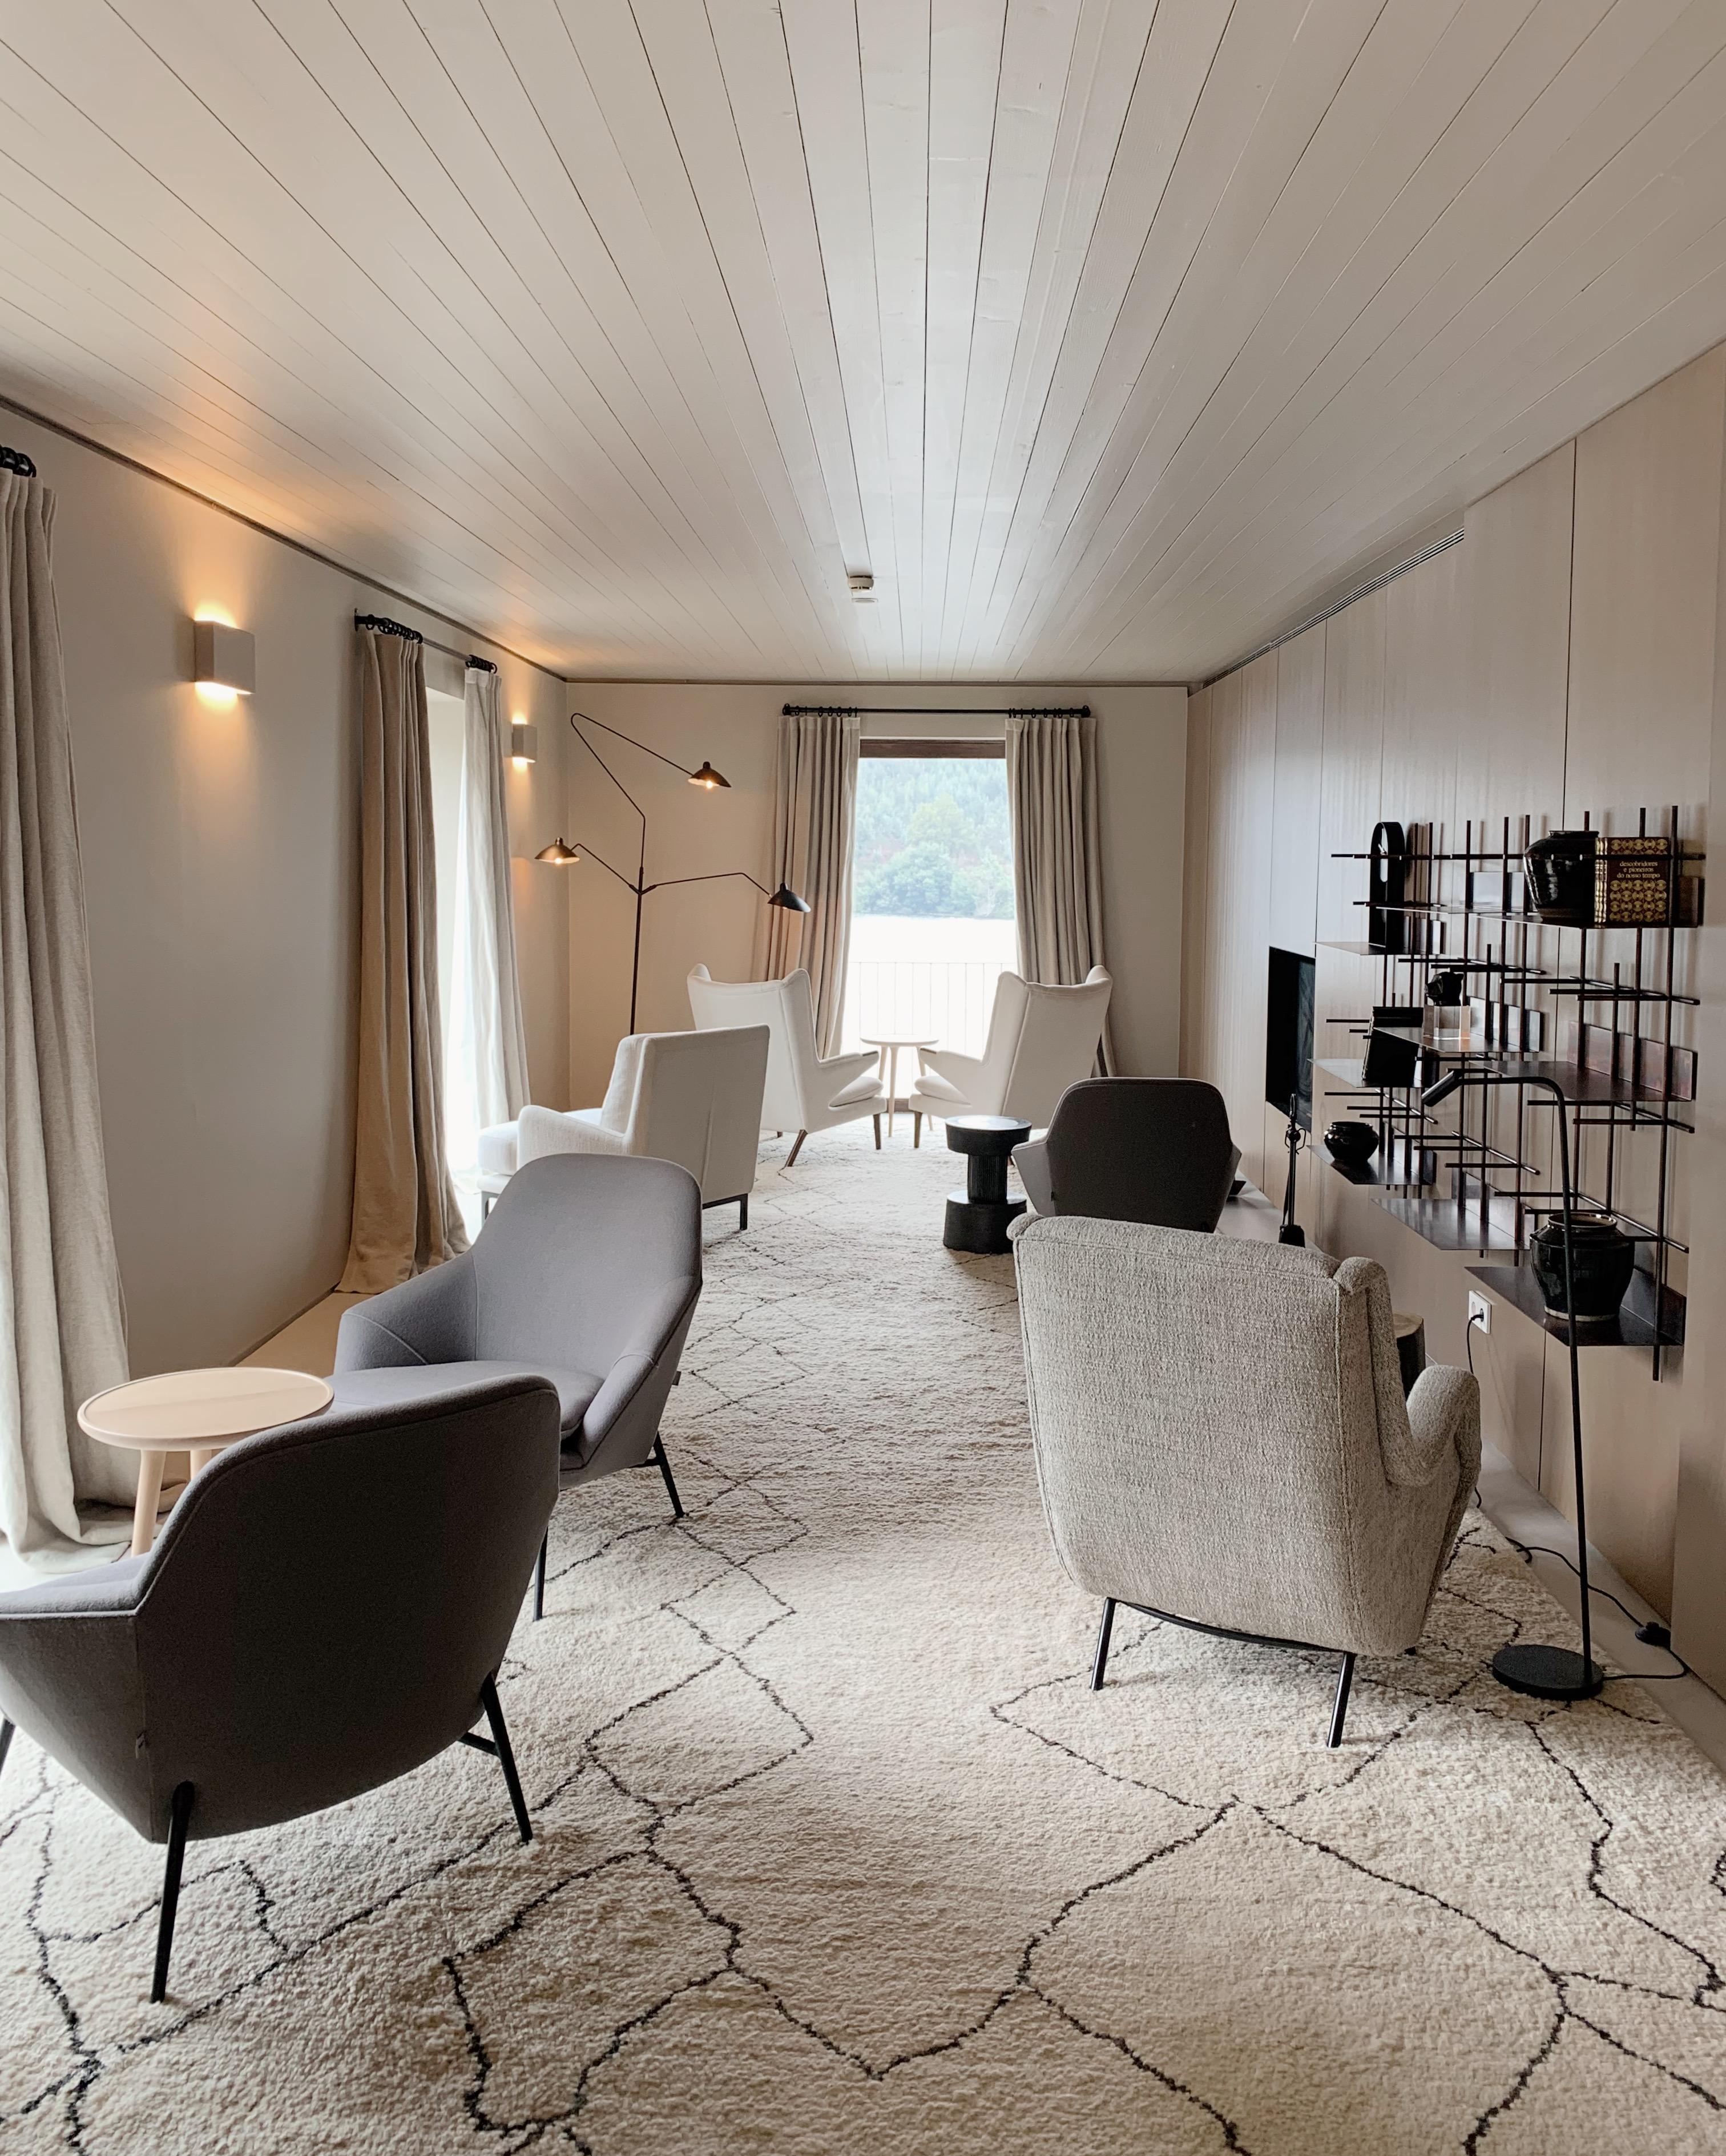 Douro41 Hotel in Portugal